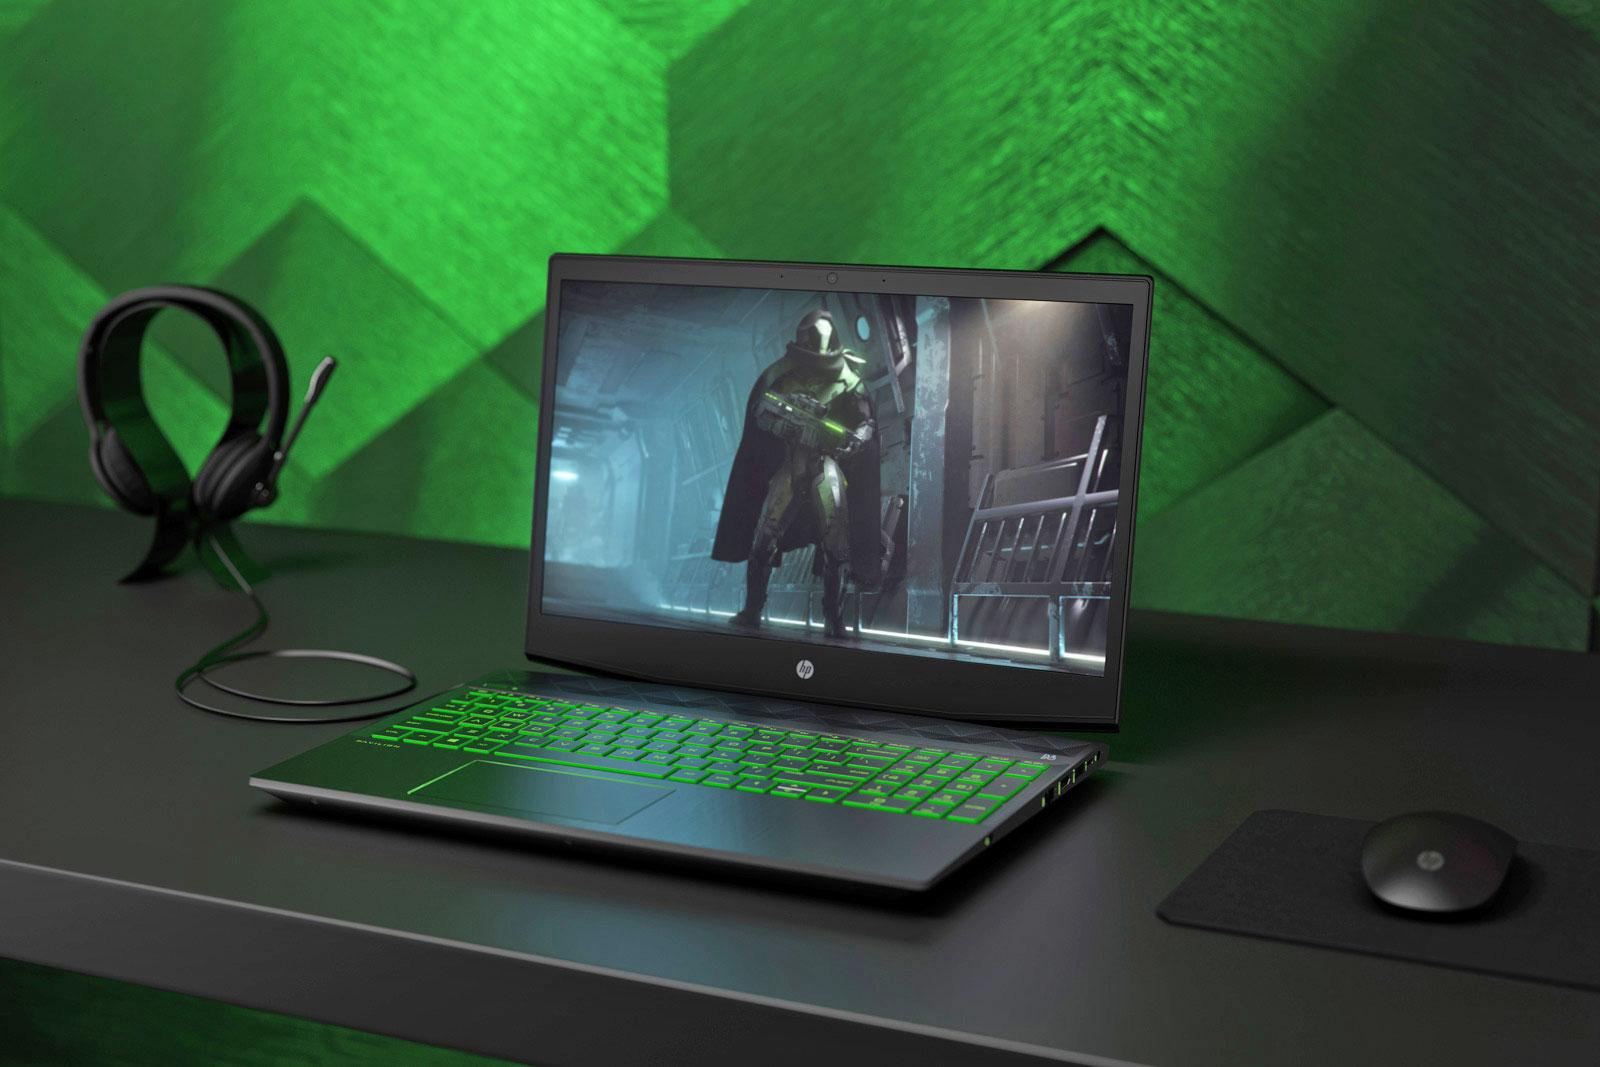 HPпоказала бюджетный игровой ноутбук Pavilion Gaming Laptop за800 долларов